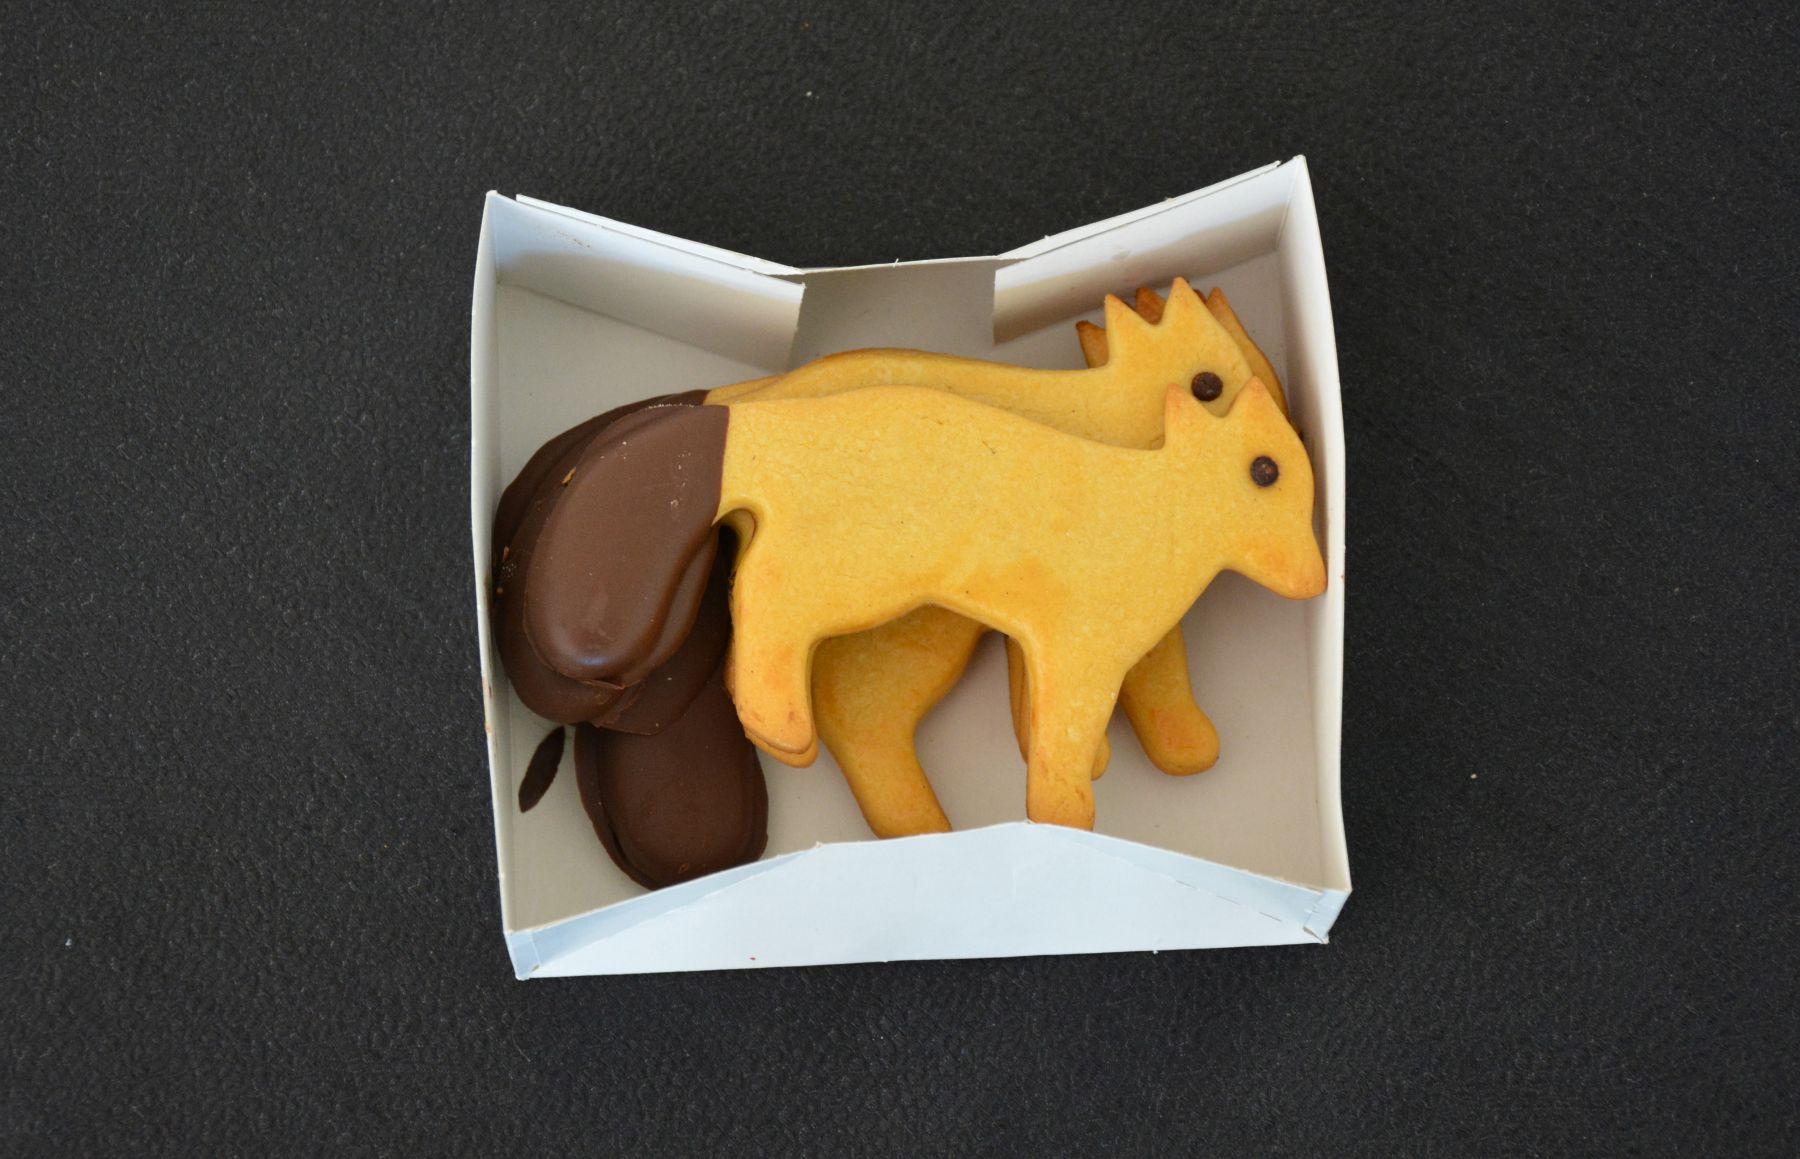 Unas galletitas con estilo... aunque puestos a meter azúcar al cuerpo os recomendamos los pasteles de Belem, dulce típico de Portugal con cuyas calorías podréis pedalear durante días!